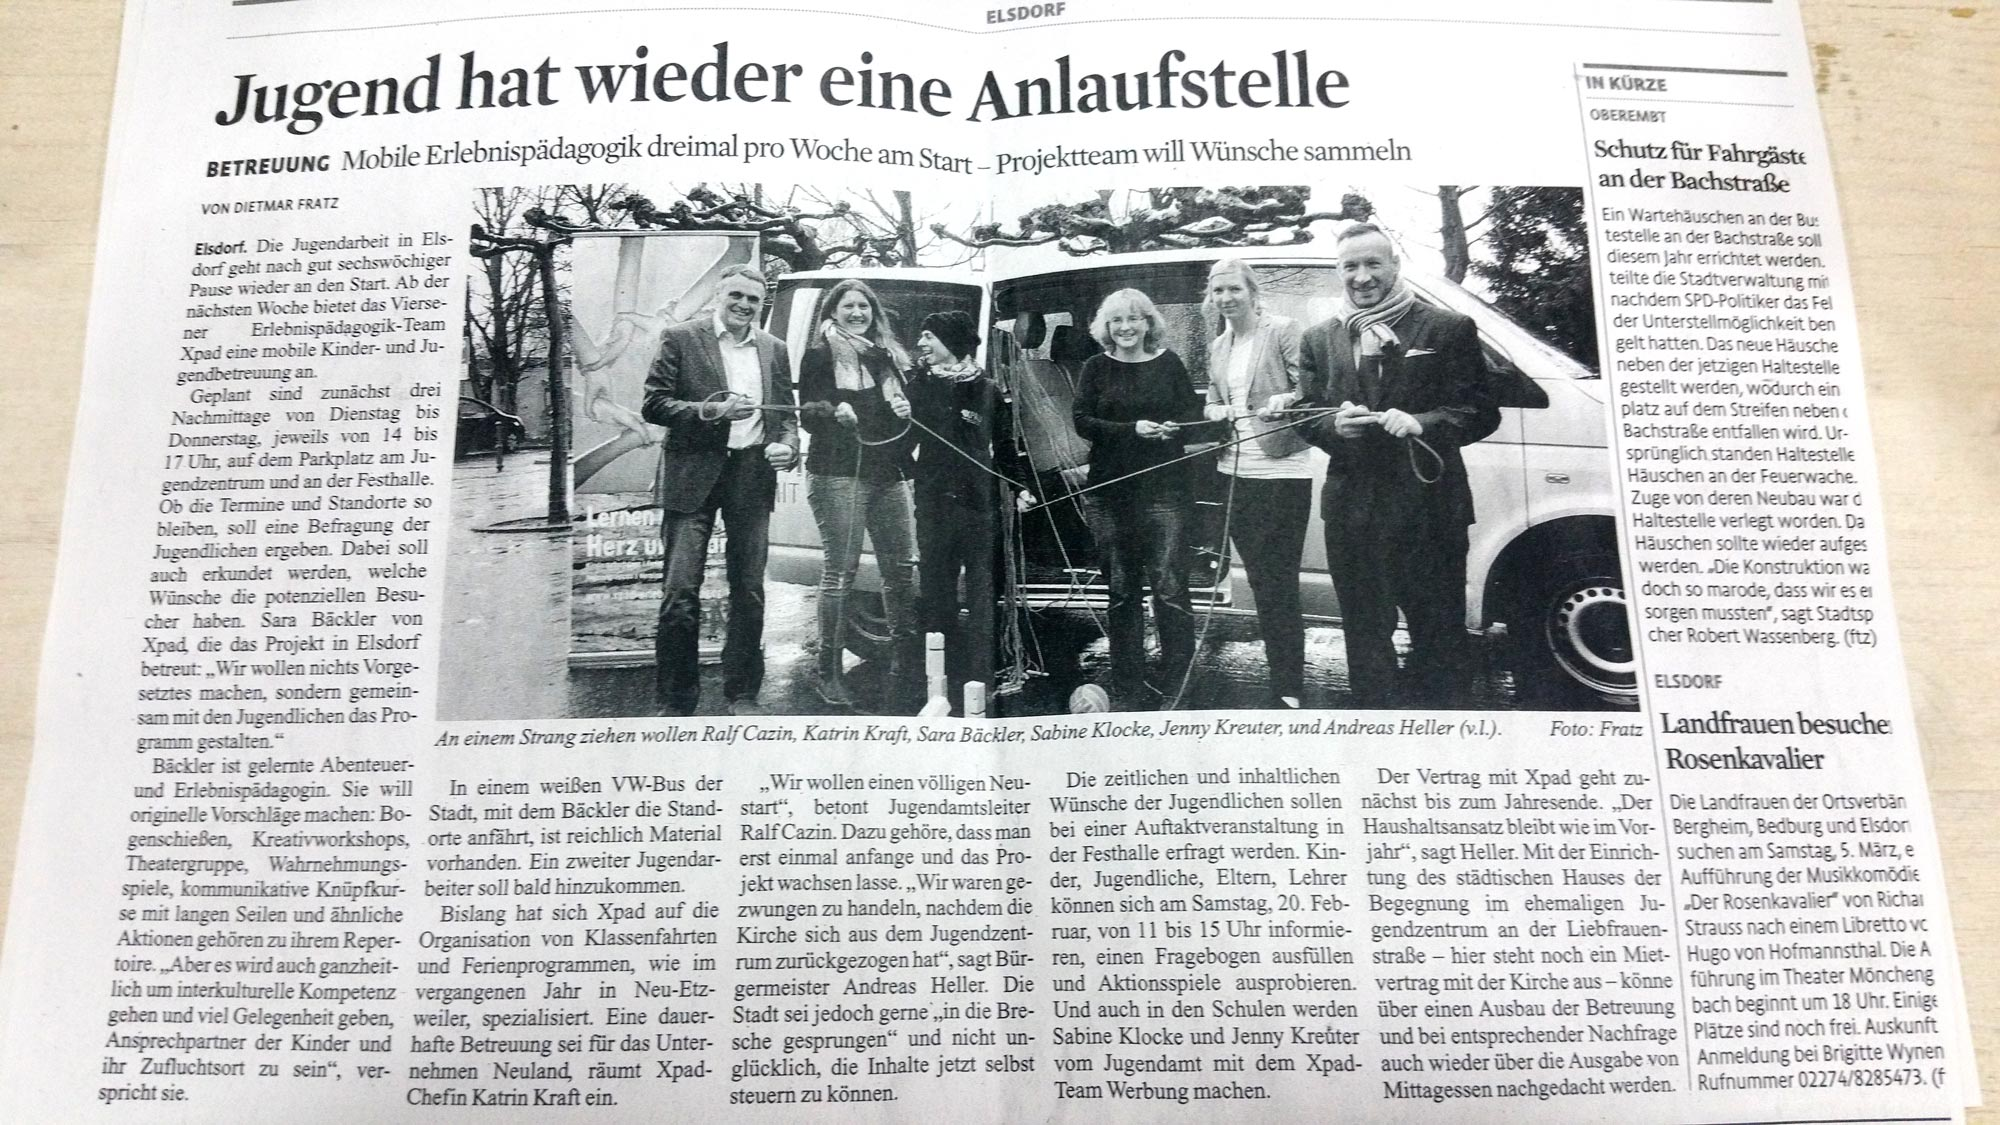 """Am 11. Februar 2016 erschien zum Startschuss der Artikel """"Jugend hat wieder eine Anlaufstelle"""" im Stadtanzeiger Köln."""